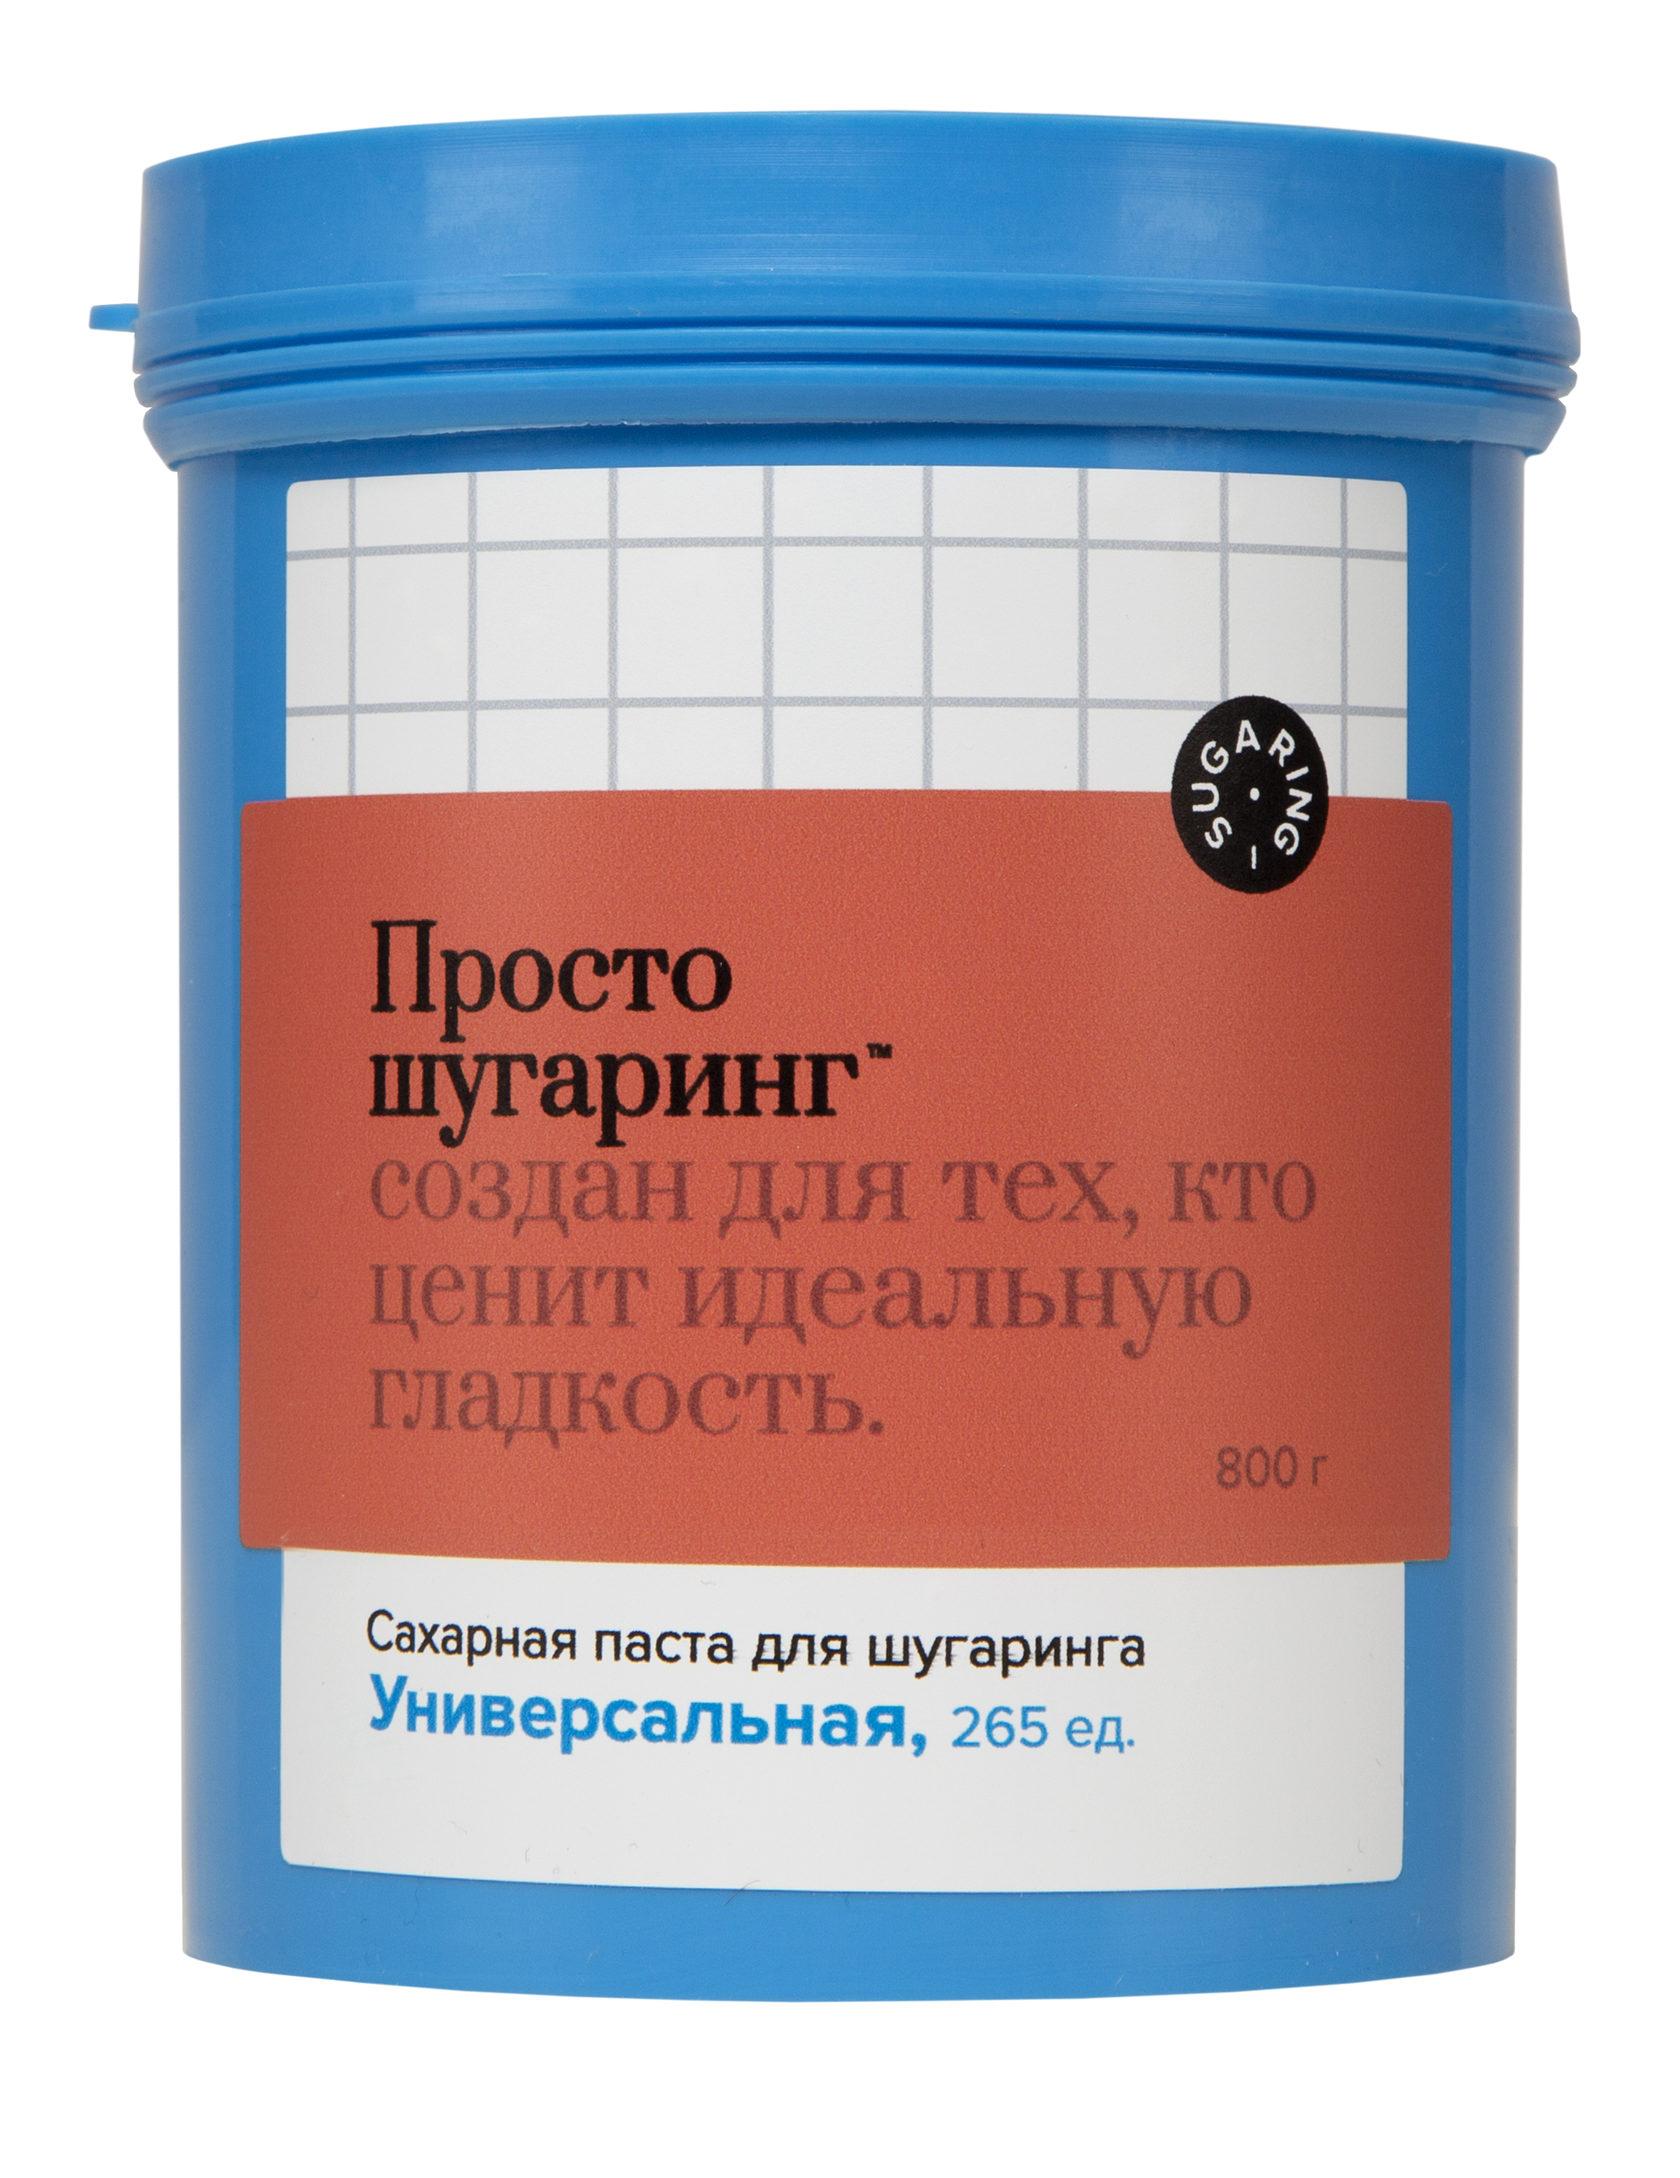 Сахарная паста для депиляции универсальная Просто Шугаринг, 0,8 кг